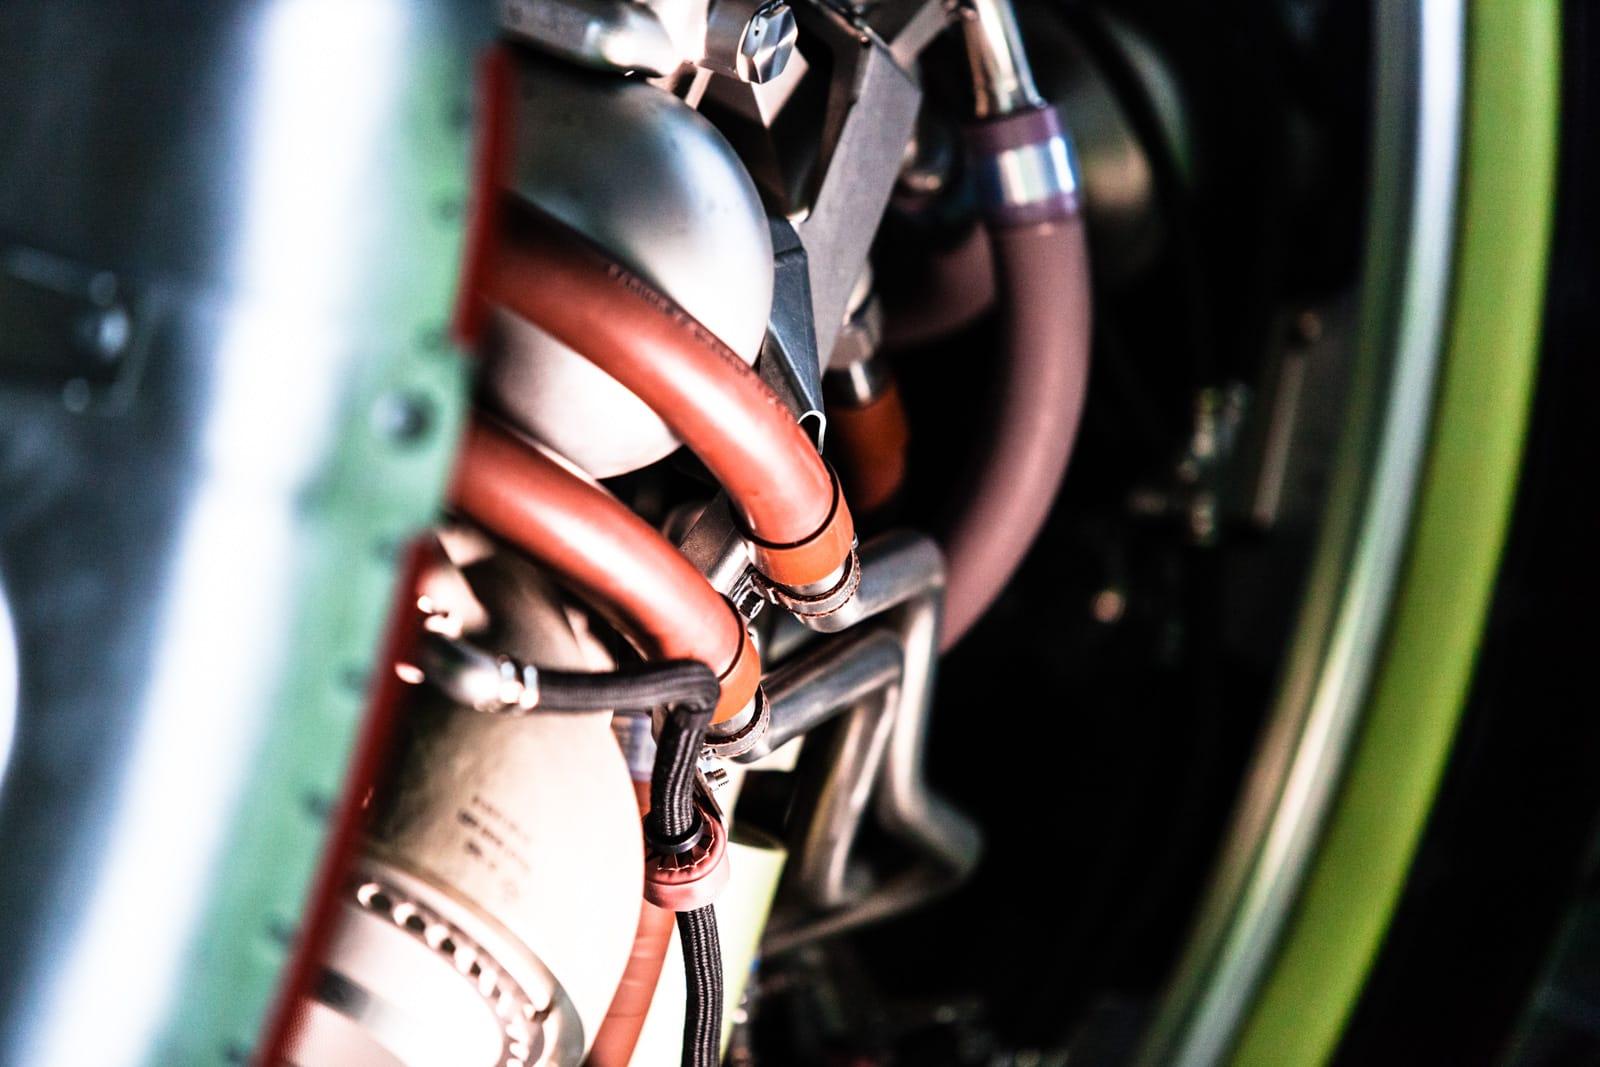 Schläuche und Drähte eines Flugzeugtriebwerks